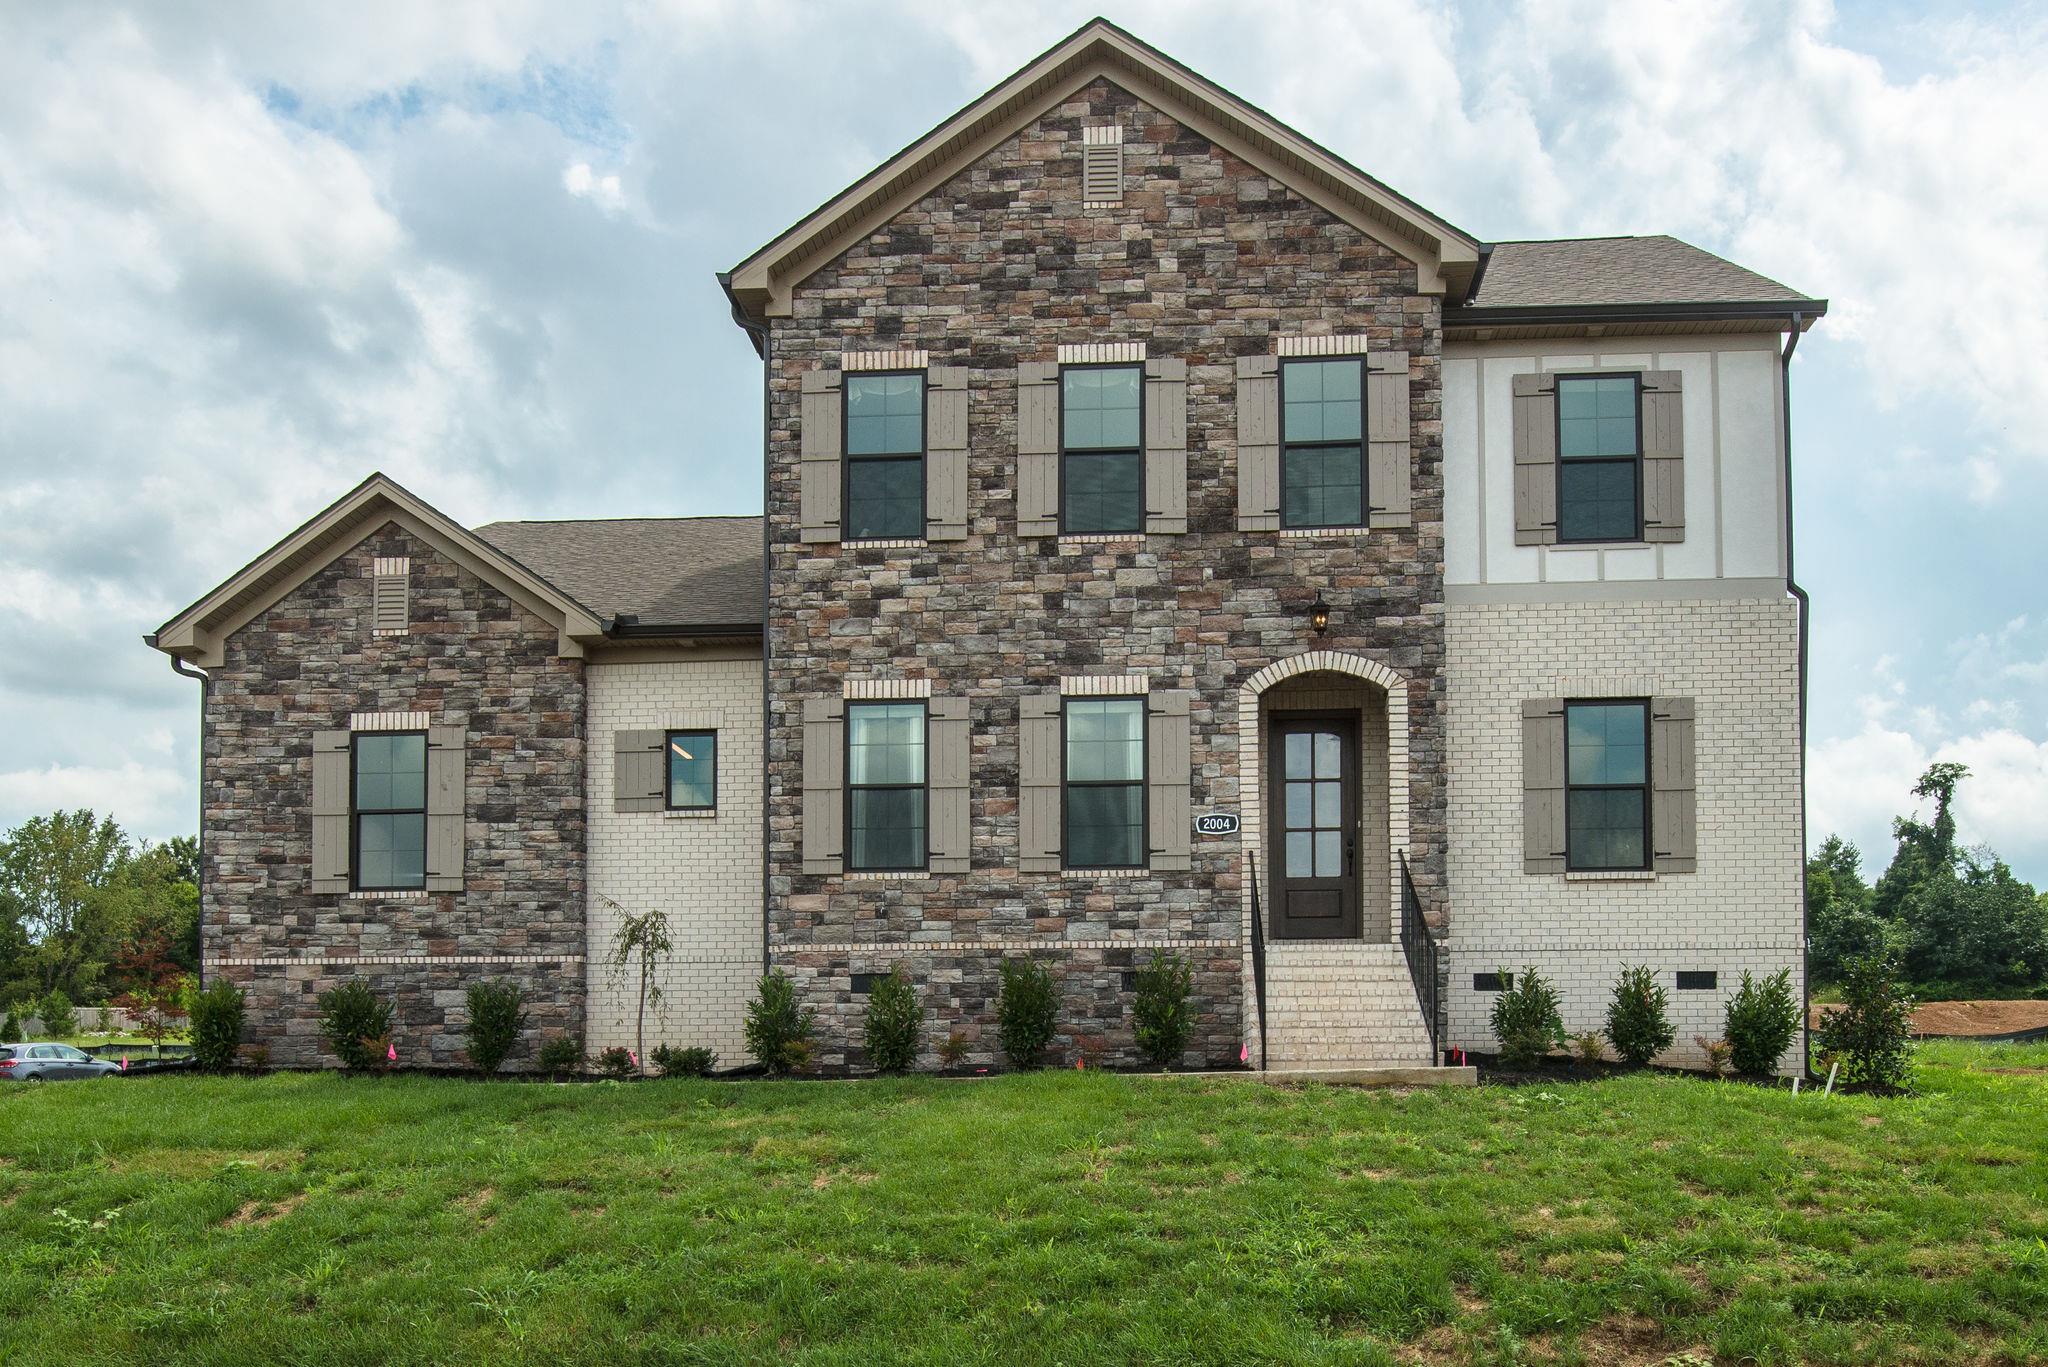 2004 Orange Leaf Circle, Franklin, TN 37067 - Franklin, TN real estate listing